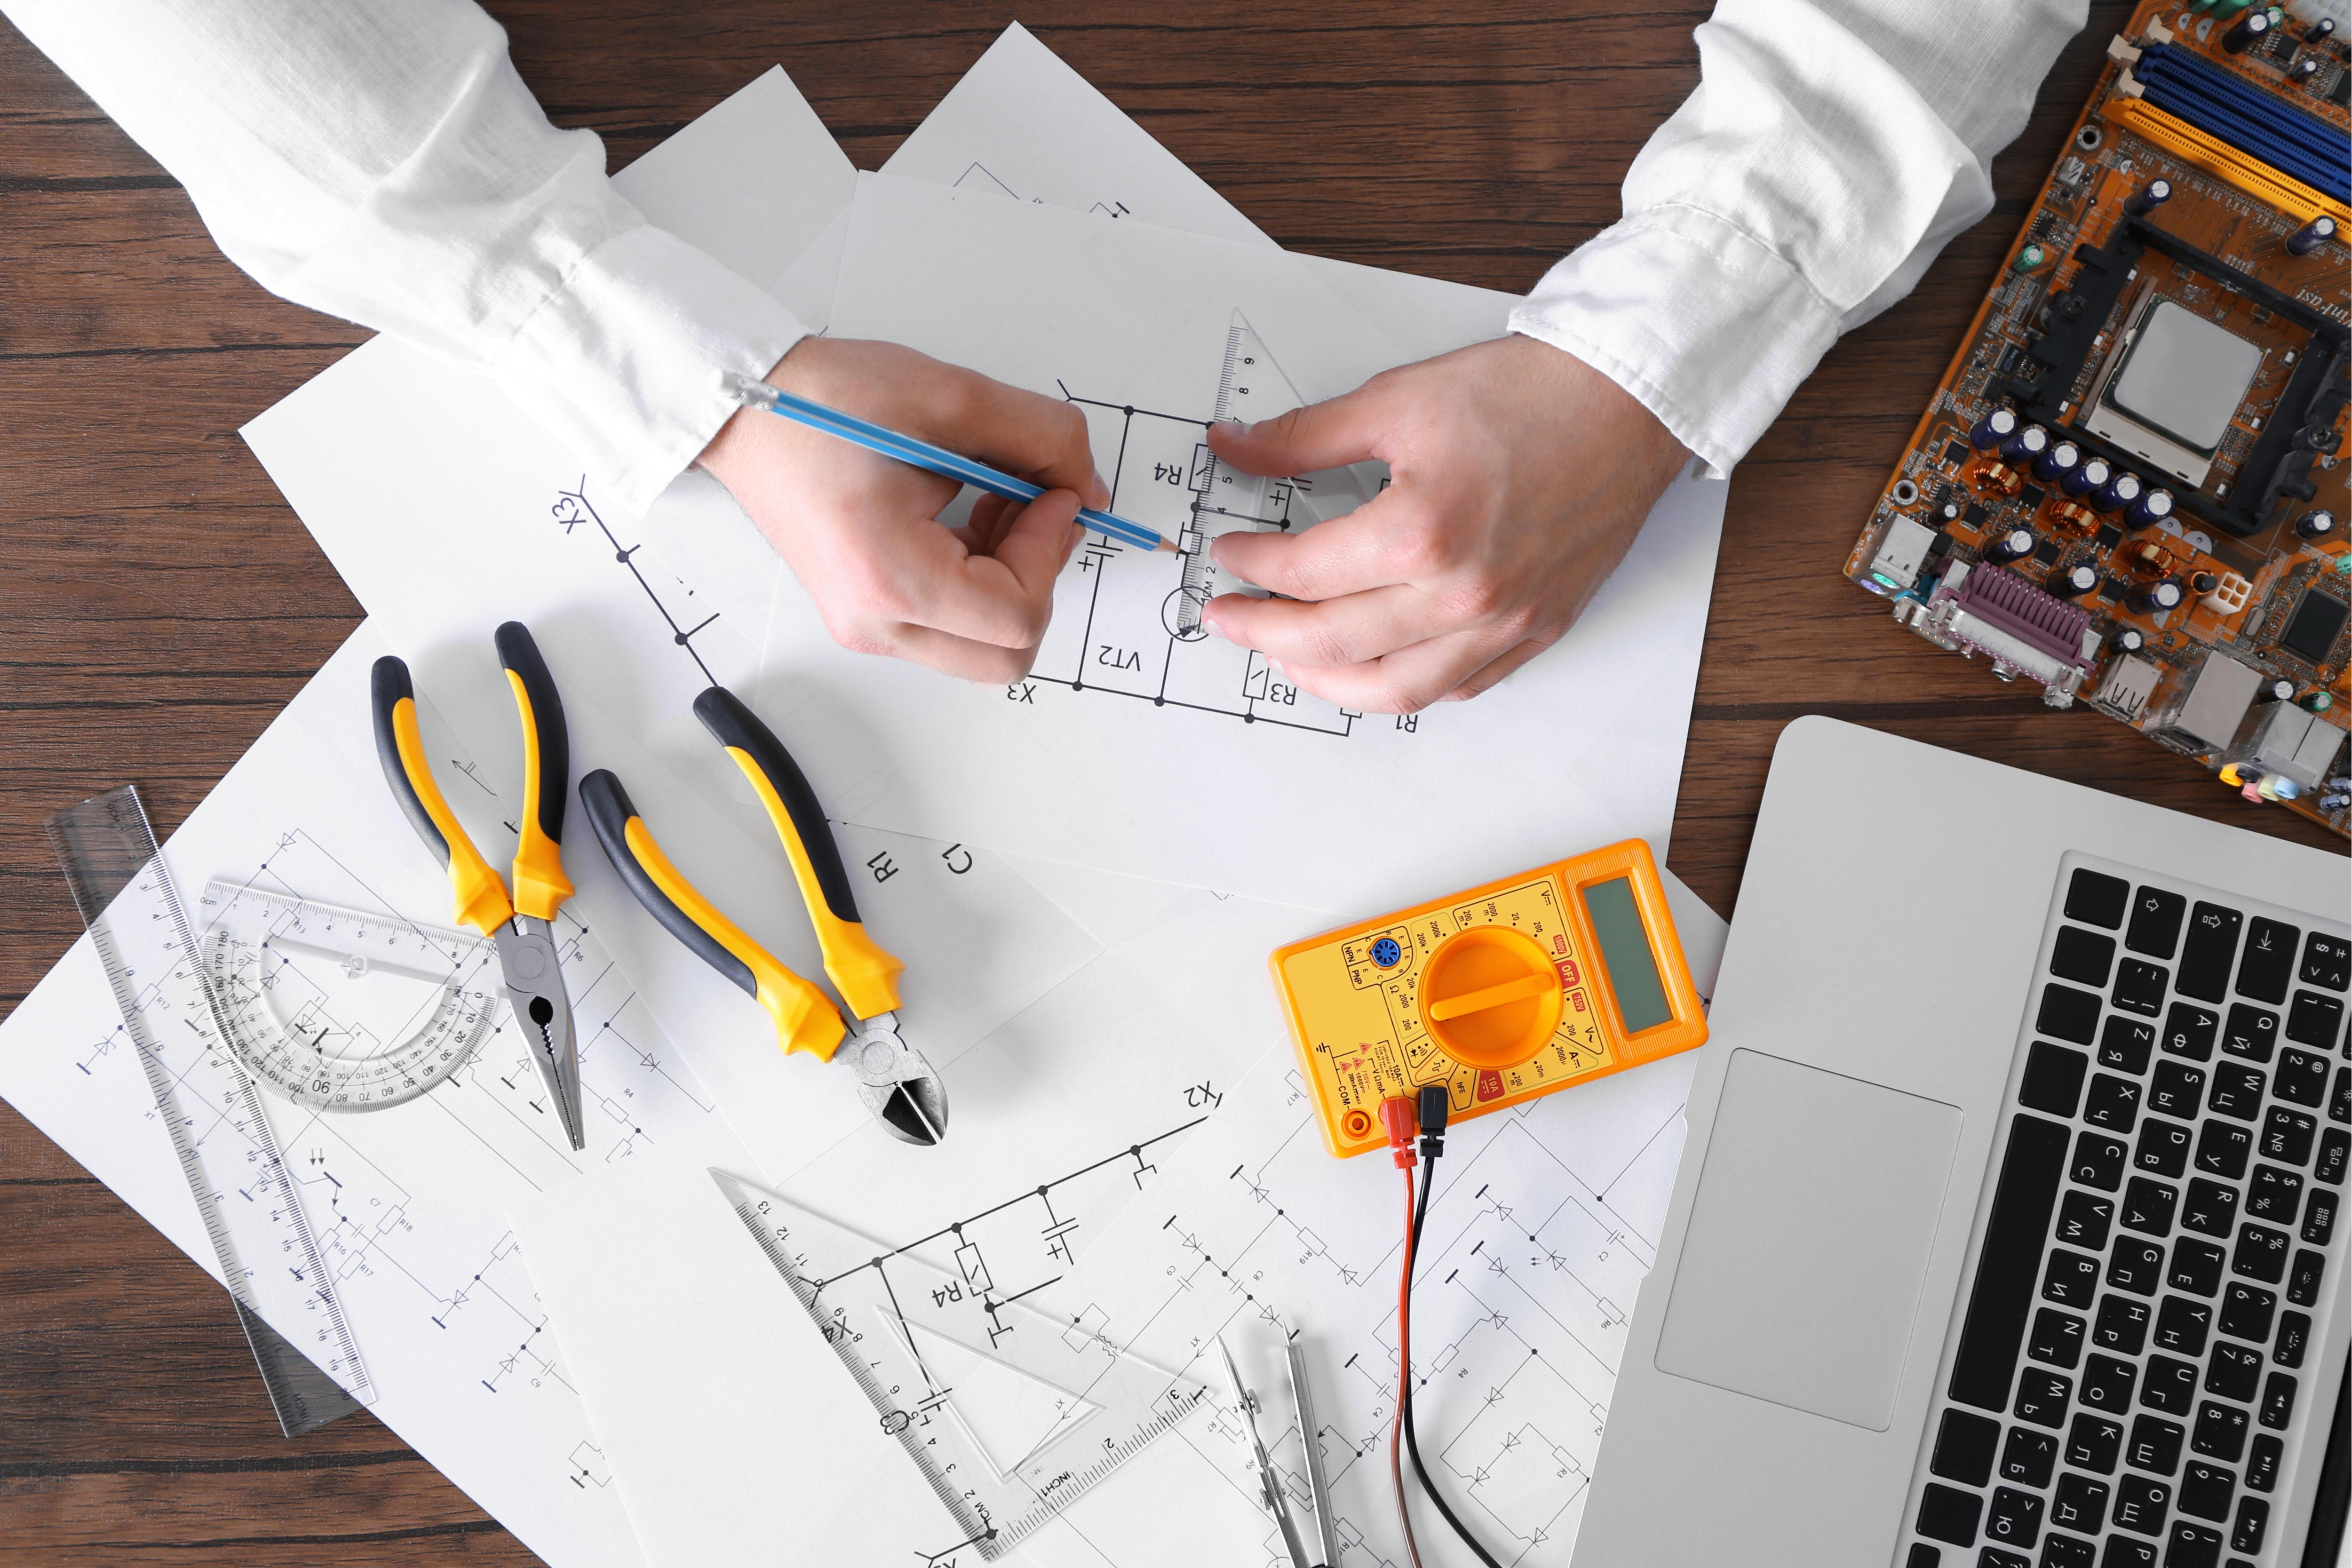 engenharia eletrica-1.jpg